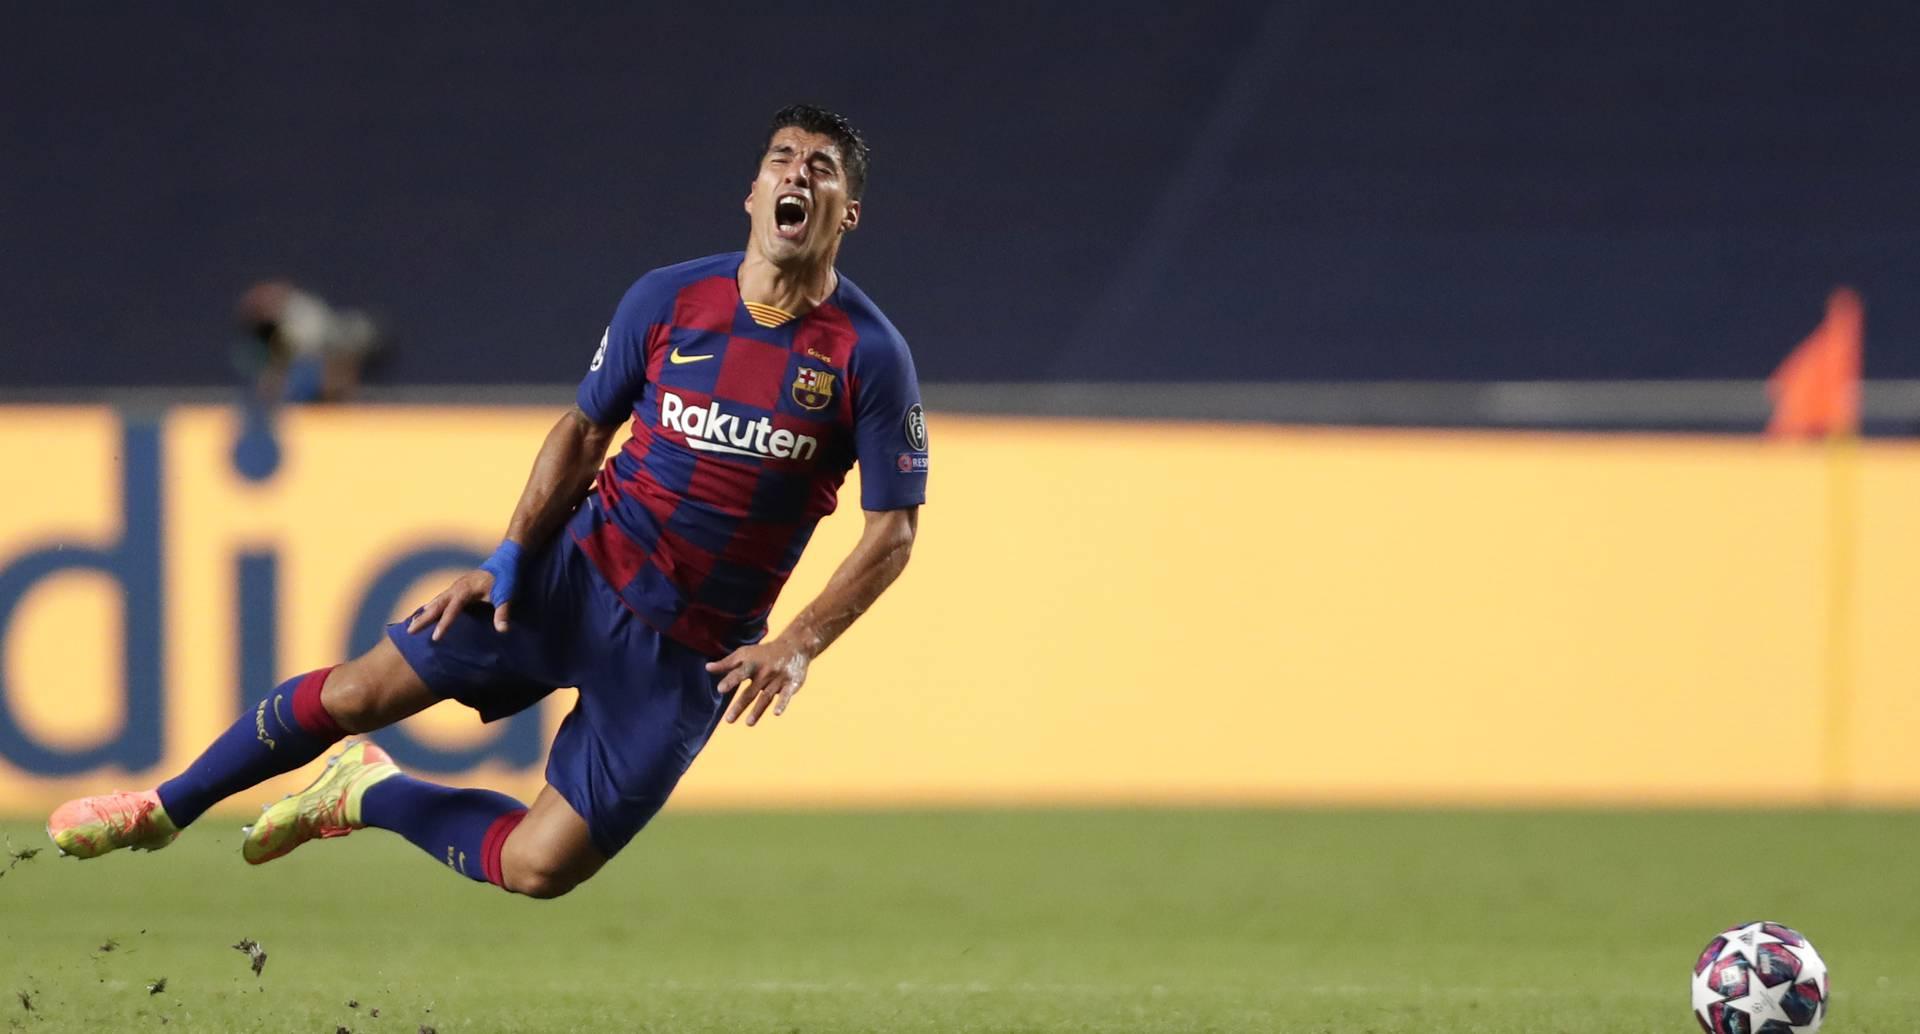 El delantero uruguayo Luis Suárez tras recibir una falta en el partido contra Bayern Múnich por los cuartos de final de la Liga de Campeones, en Lisboa, el viernes 14 de agosto de 2020. (AP Foto/Manu Fernández/Pool)